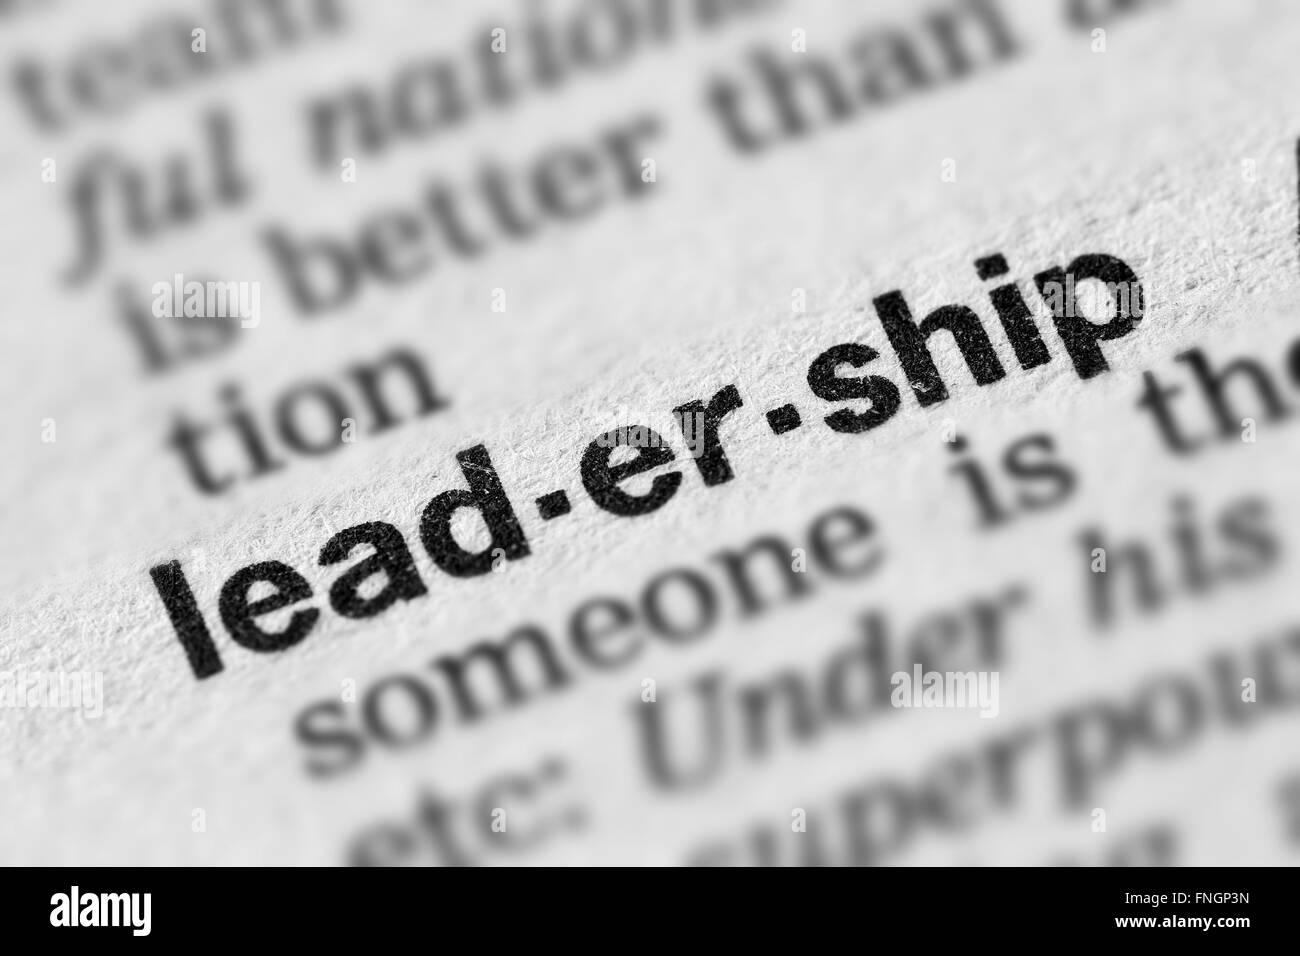 Définition du leadership mot Texte dans le dictionnaire Page Photo Stock